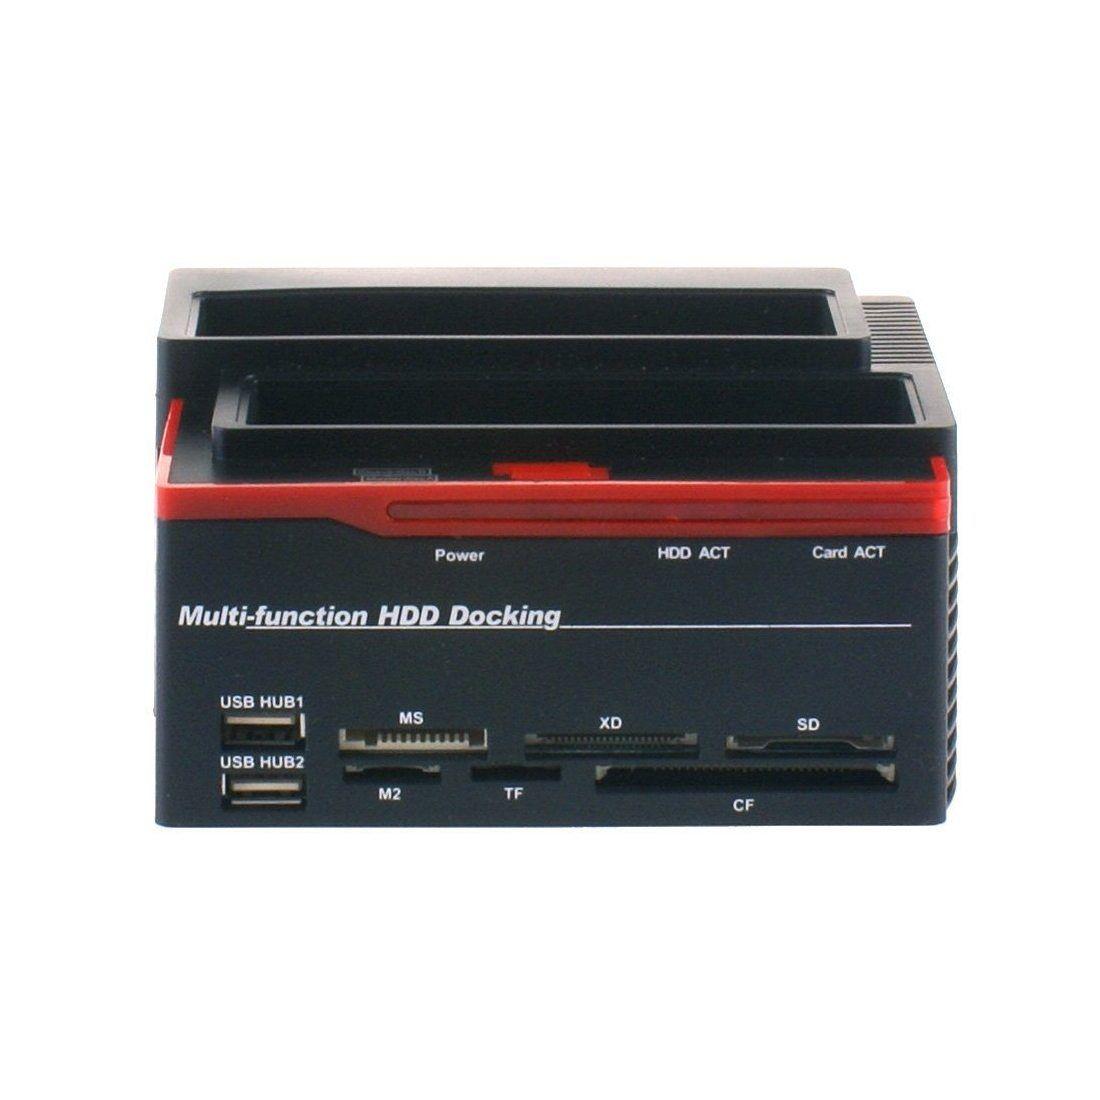 FUHAOXUAN CXD-892U2IS-FR USB 2.0 à SATA IDE Dual Slots Station d'Accueil Pour Disque Dur Externe avec Lecteur de Carte et 2 P